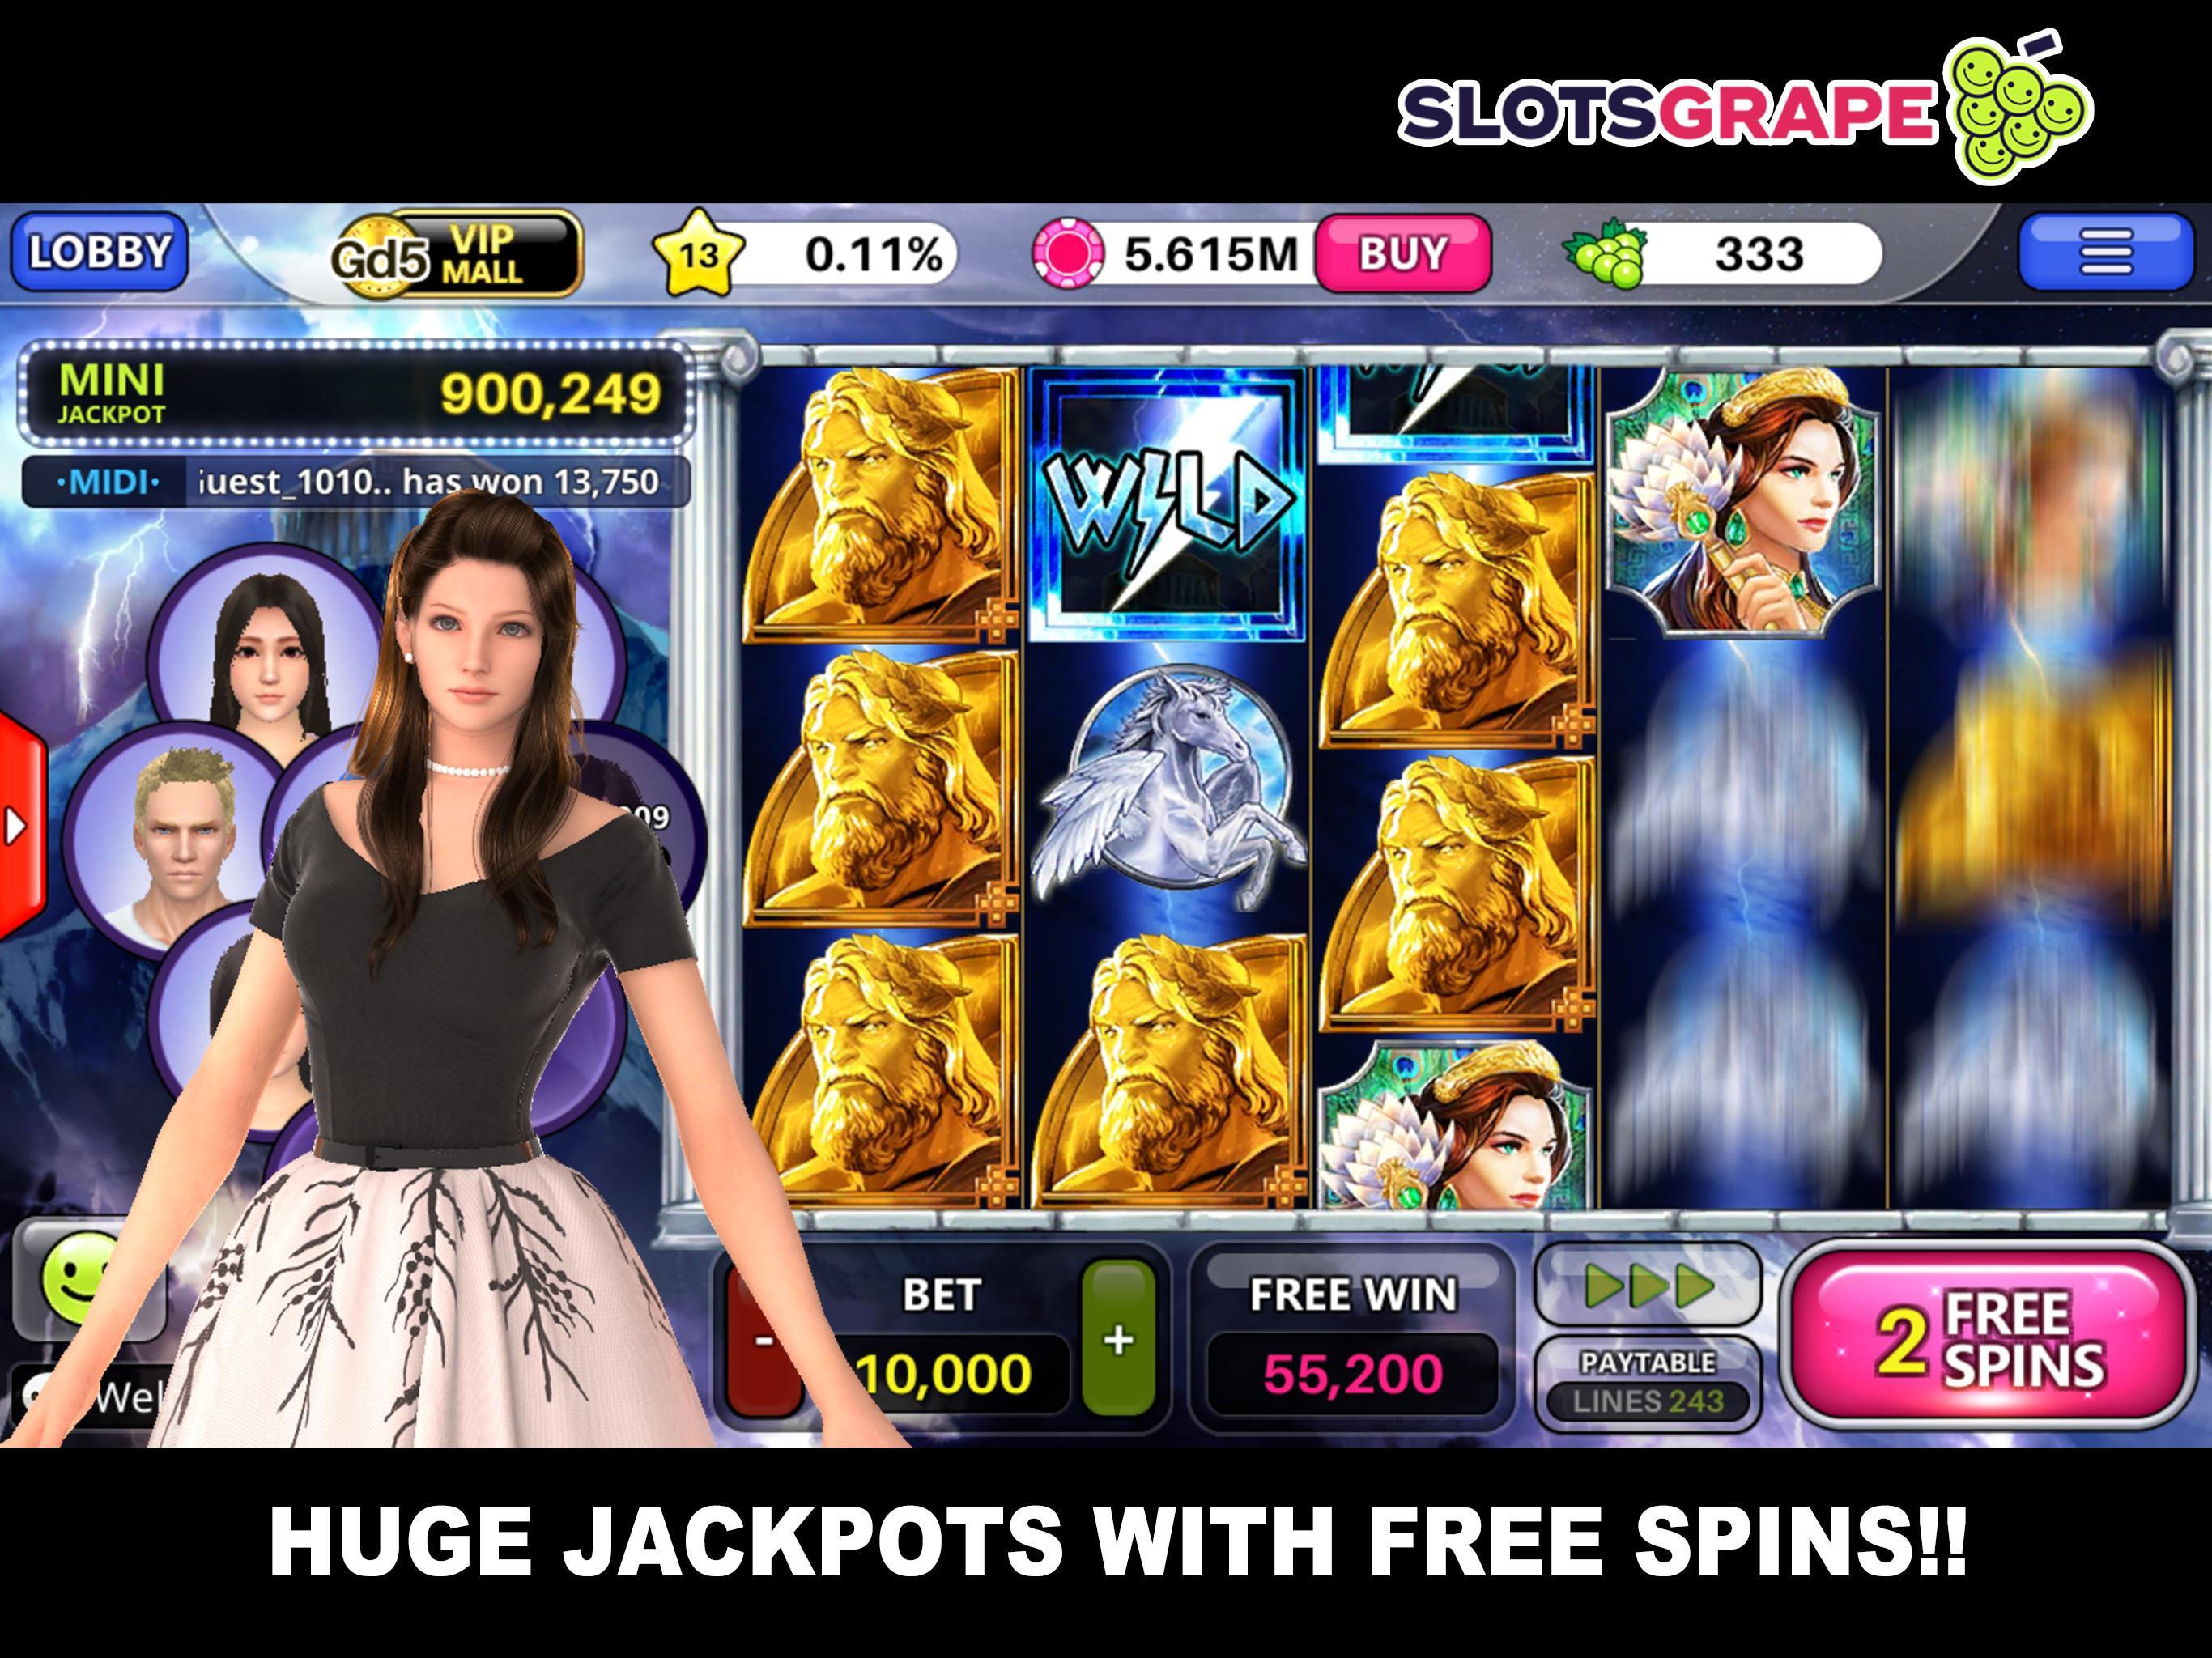 SLOTS GRAPE Free Slots and Table Games 1.0.78 Screenshot 8